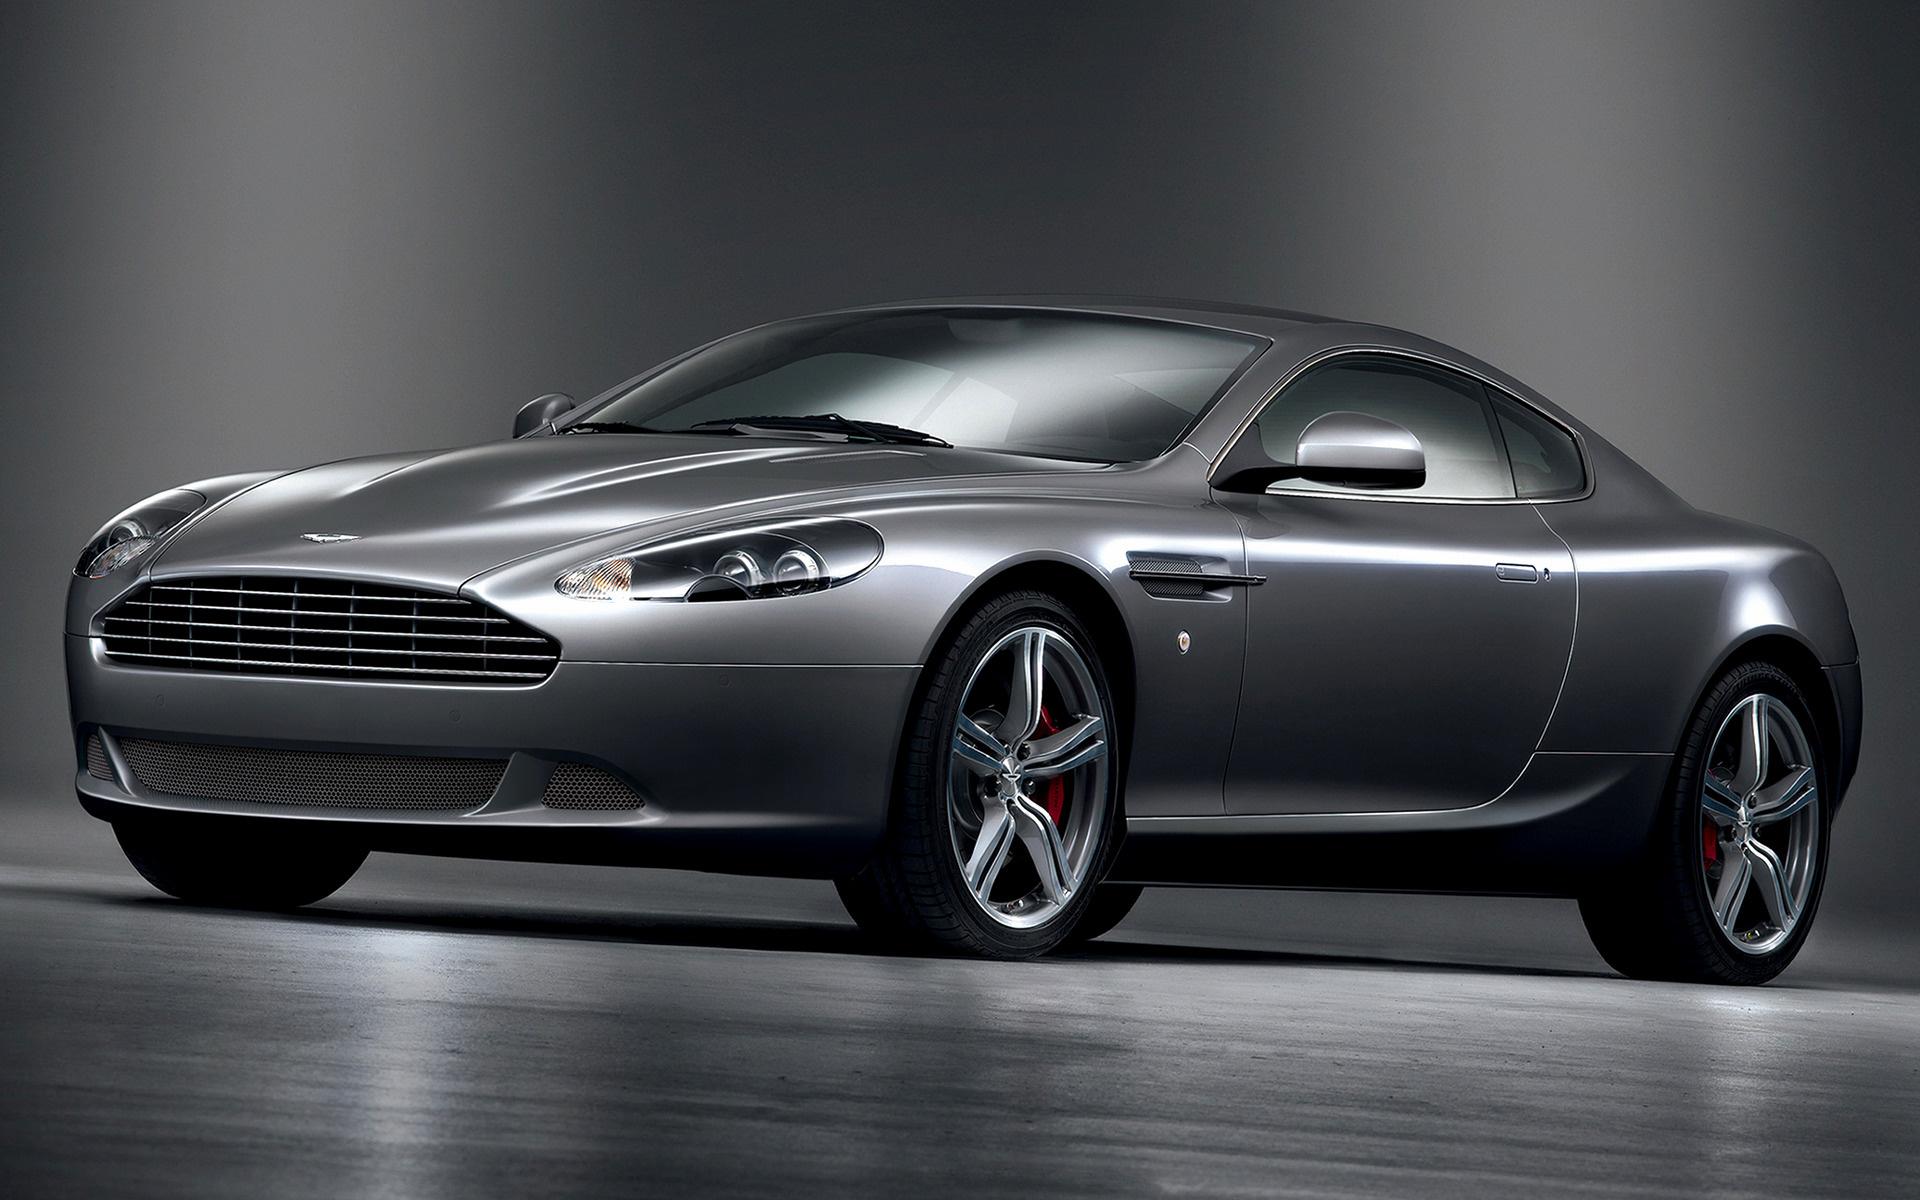 2008 Aston Martin Db9 Hintergrundbilder Und Wallpaper In Hd Car Pixel